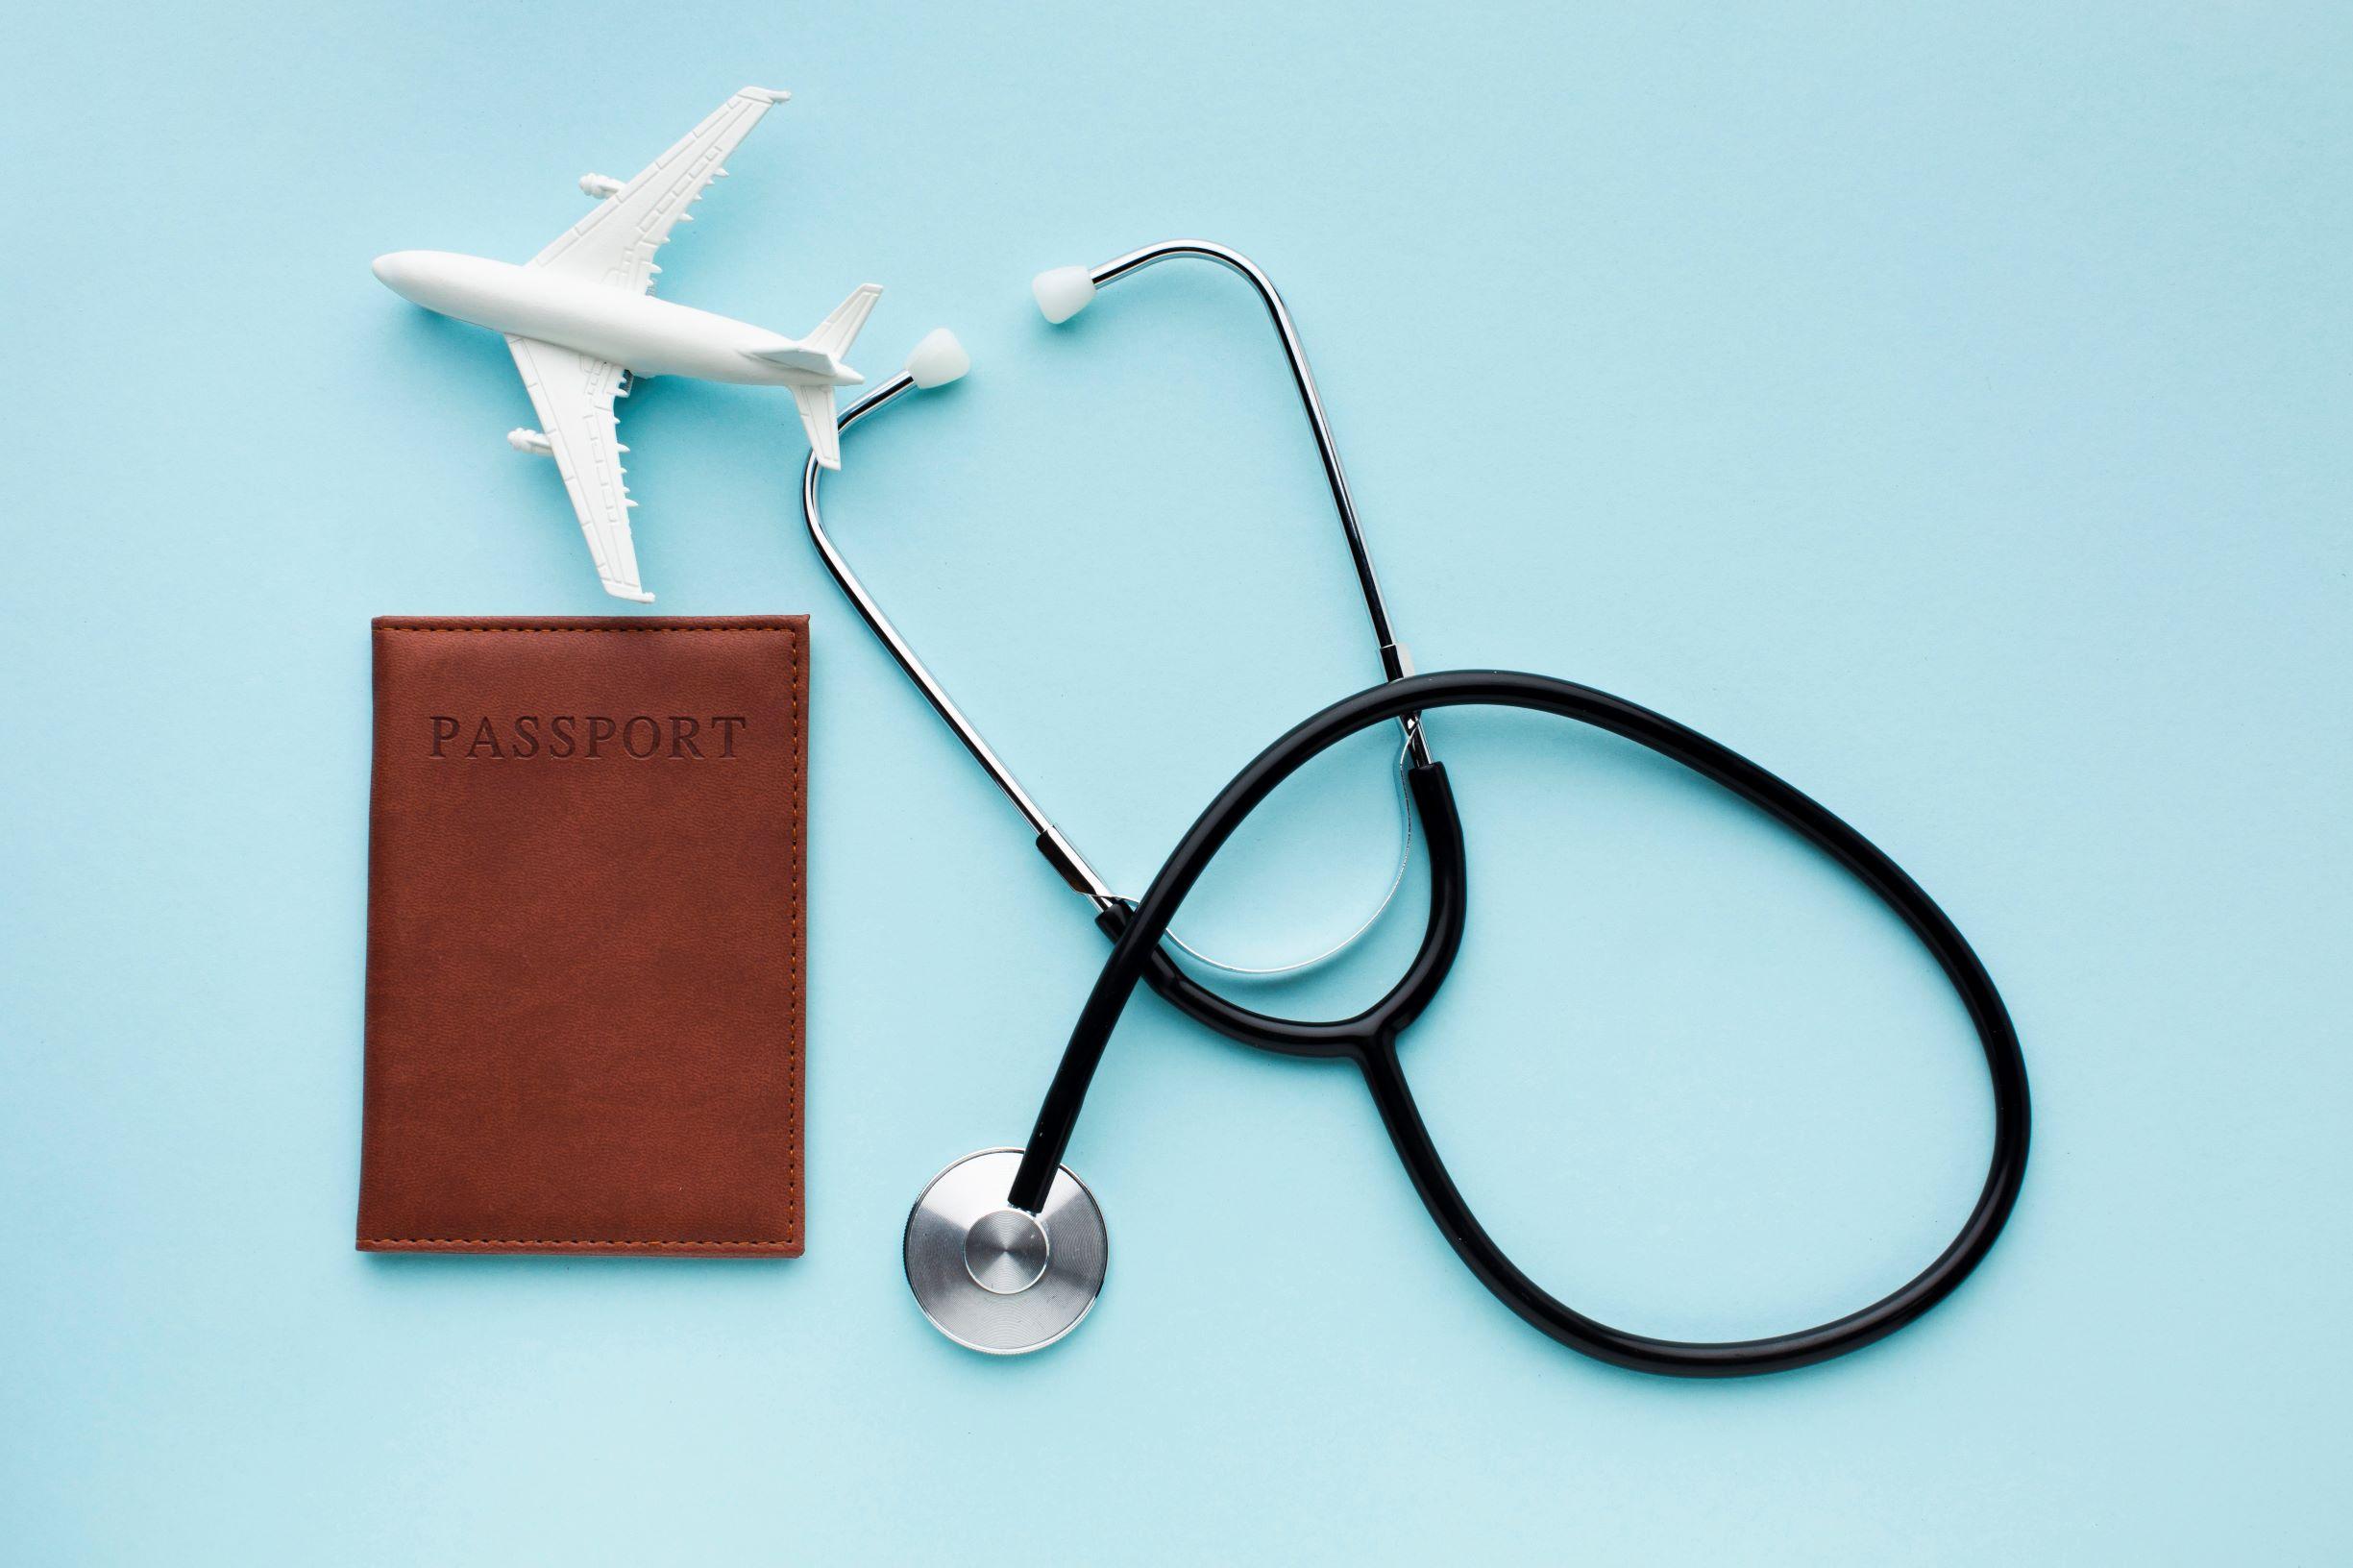 كل ما تريد أن تعرفه عن تأمين السفر وكيف تختر التأمين المناسب لك